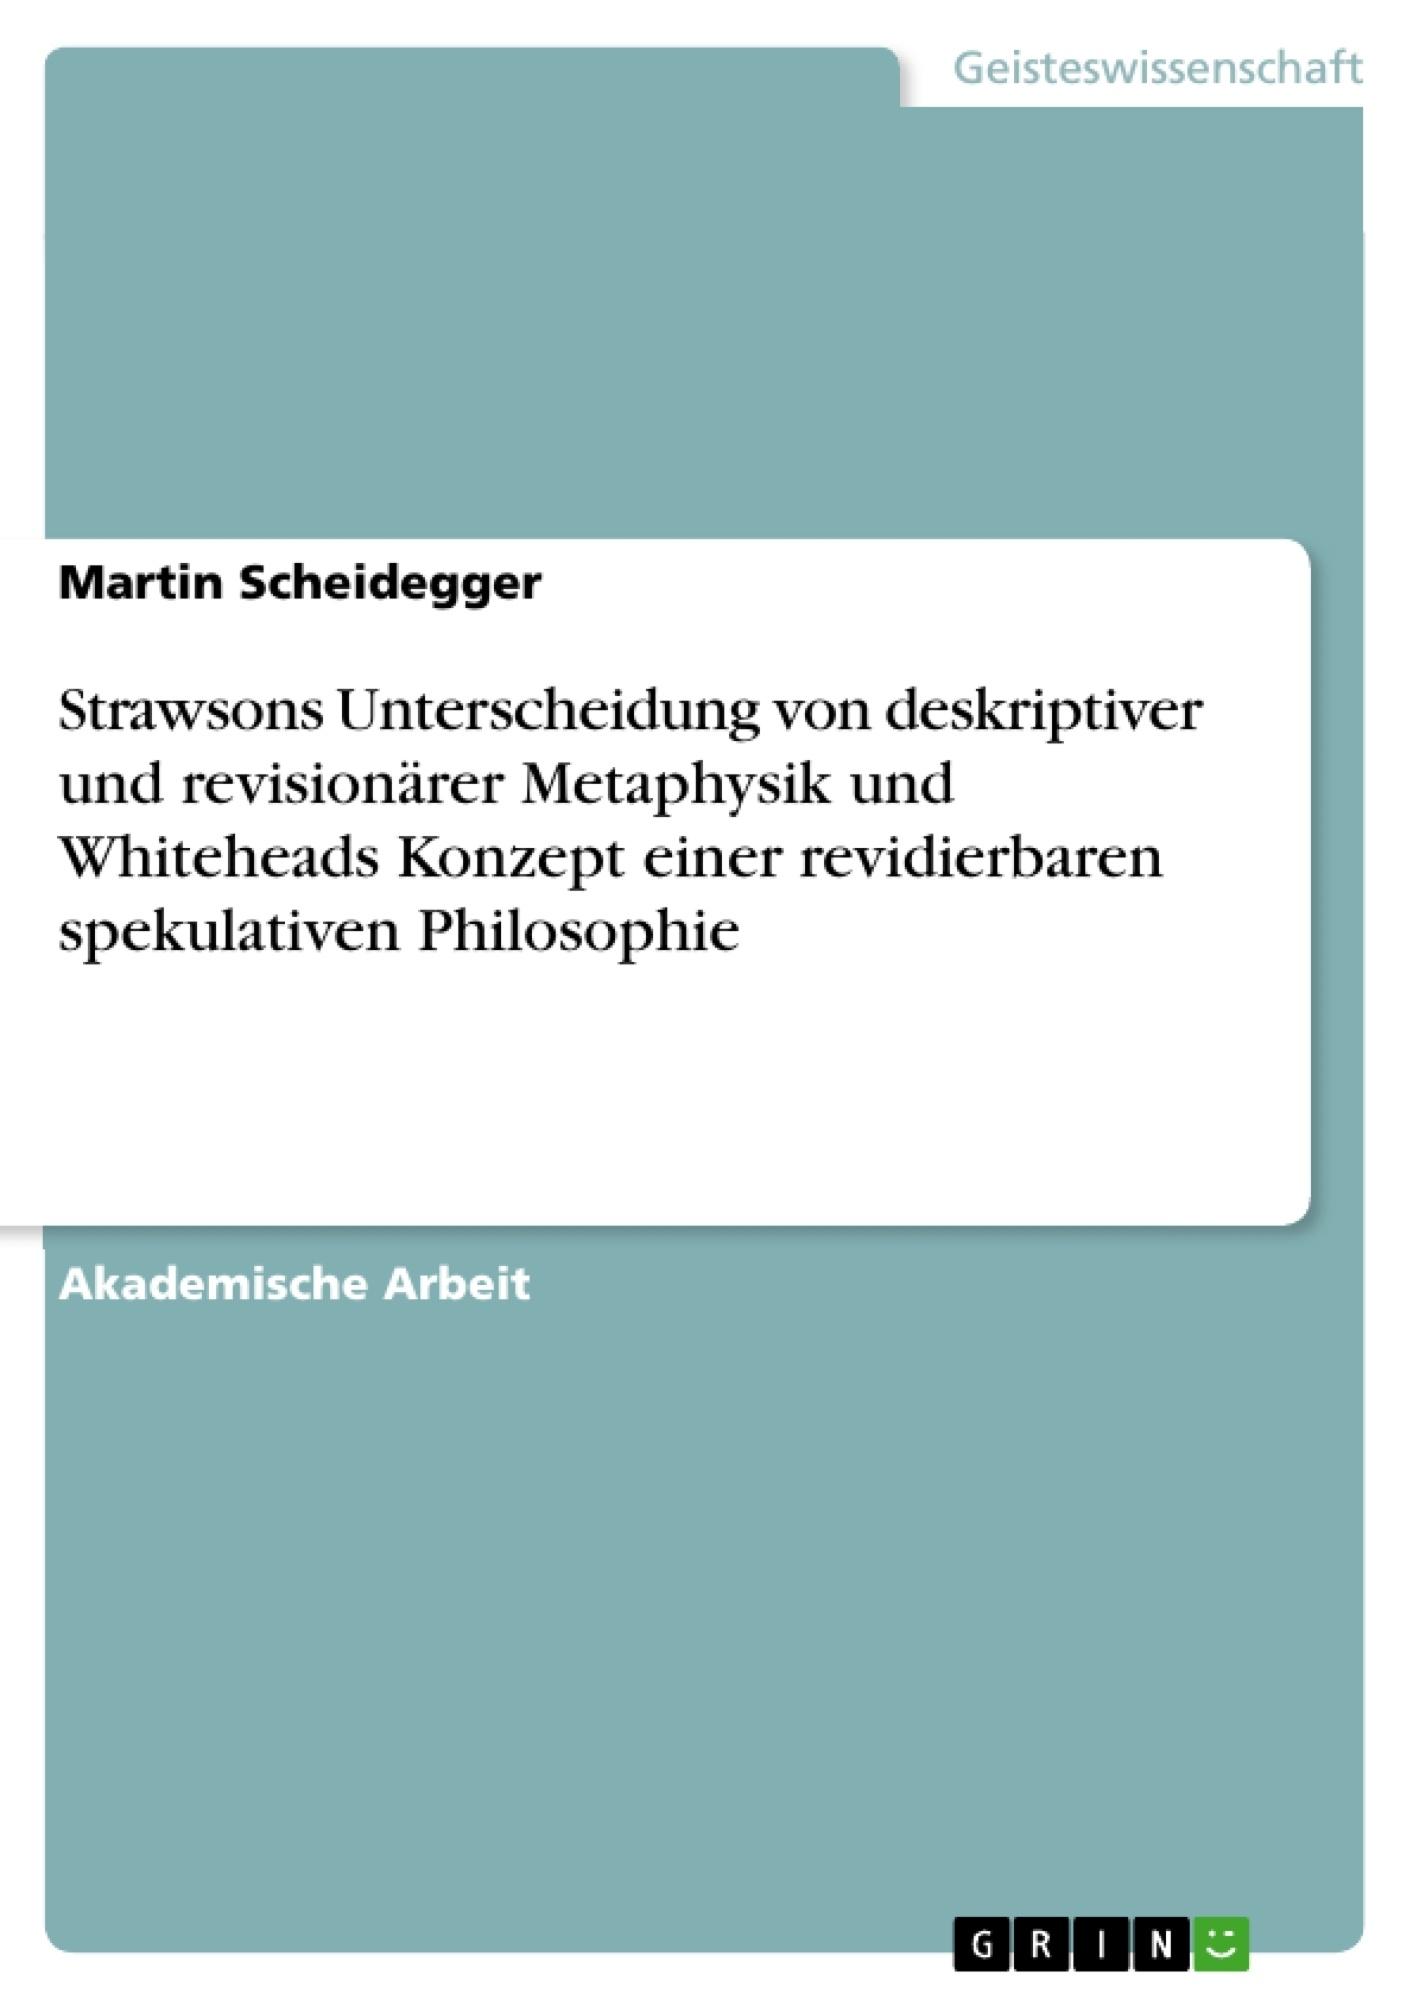 Titel: Strawsons Unterscheidung von deskriptiver und revisionärer Metaphysik und Whiteheads Konzept einer revidierbaren spekulativen Philosophie